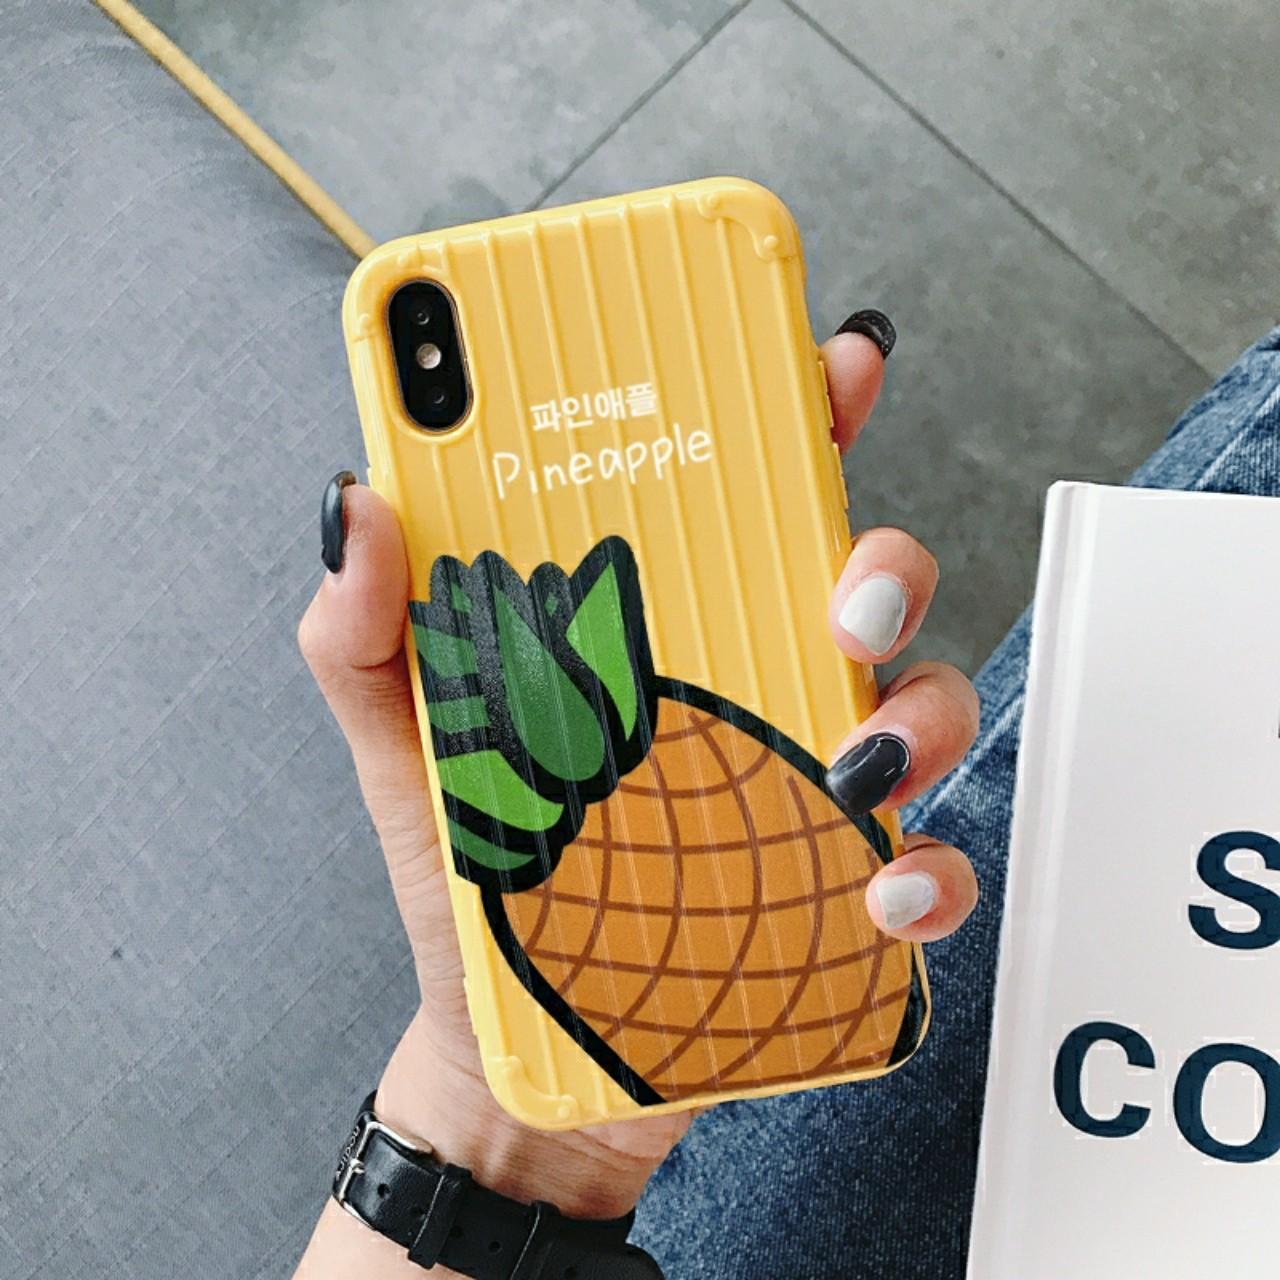 Giá Ốp lưng Vali hình trái cây Samsung Galaxy A10,A50s,A50,A30,A20,A20s,A7 2018,A9 2018,A10s,M20,A70